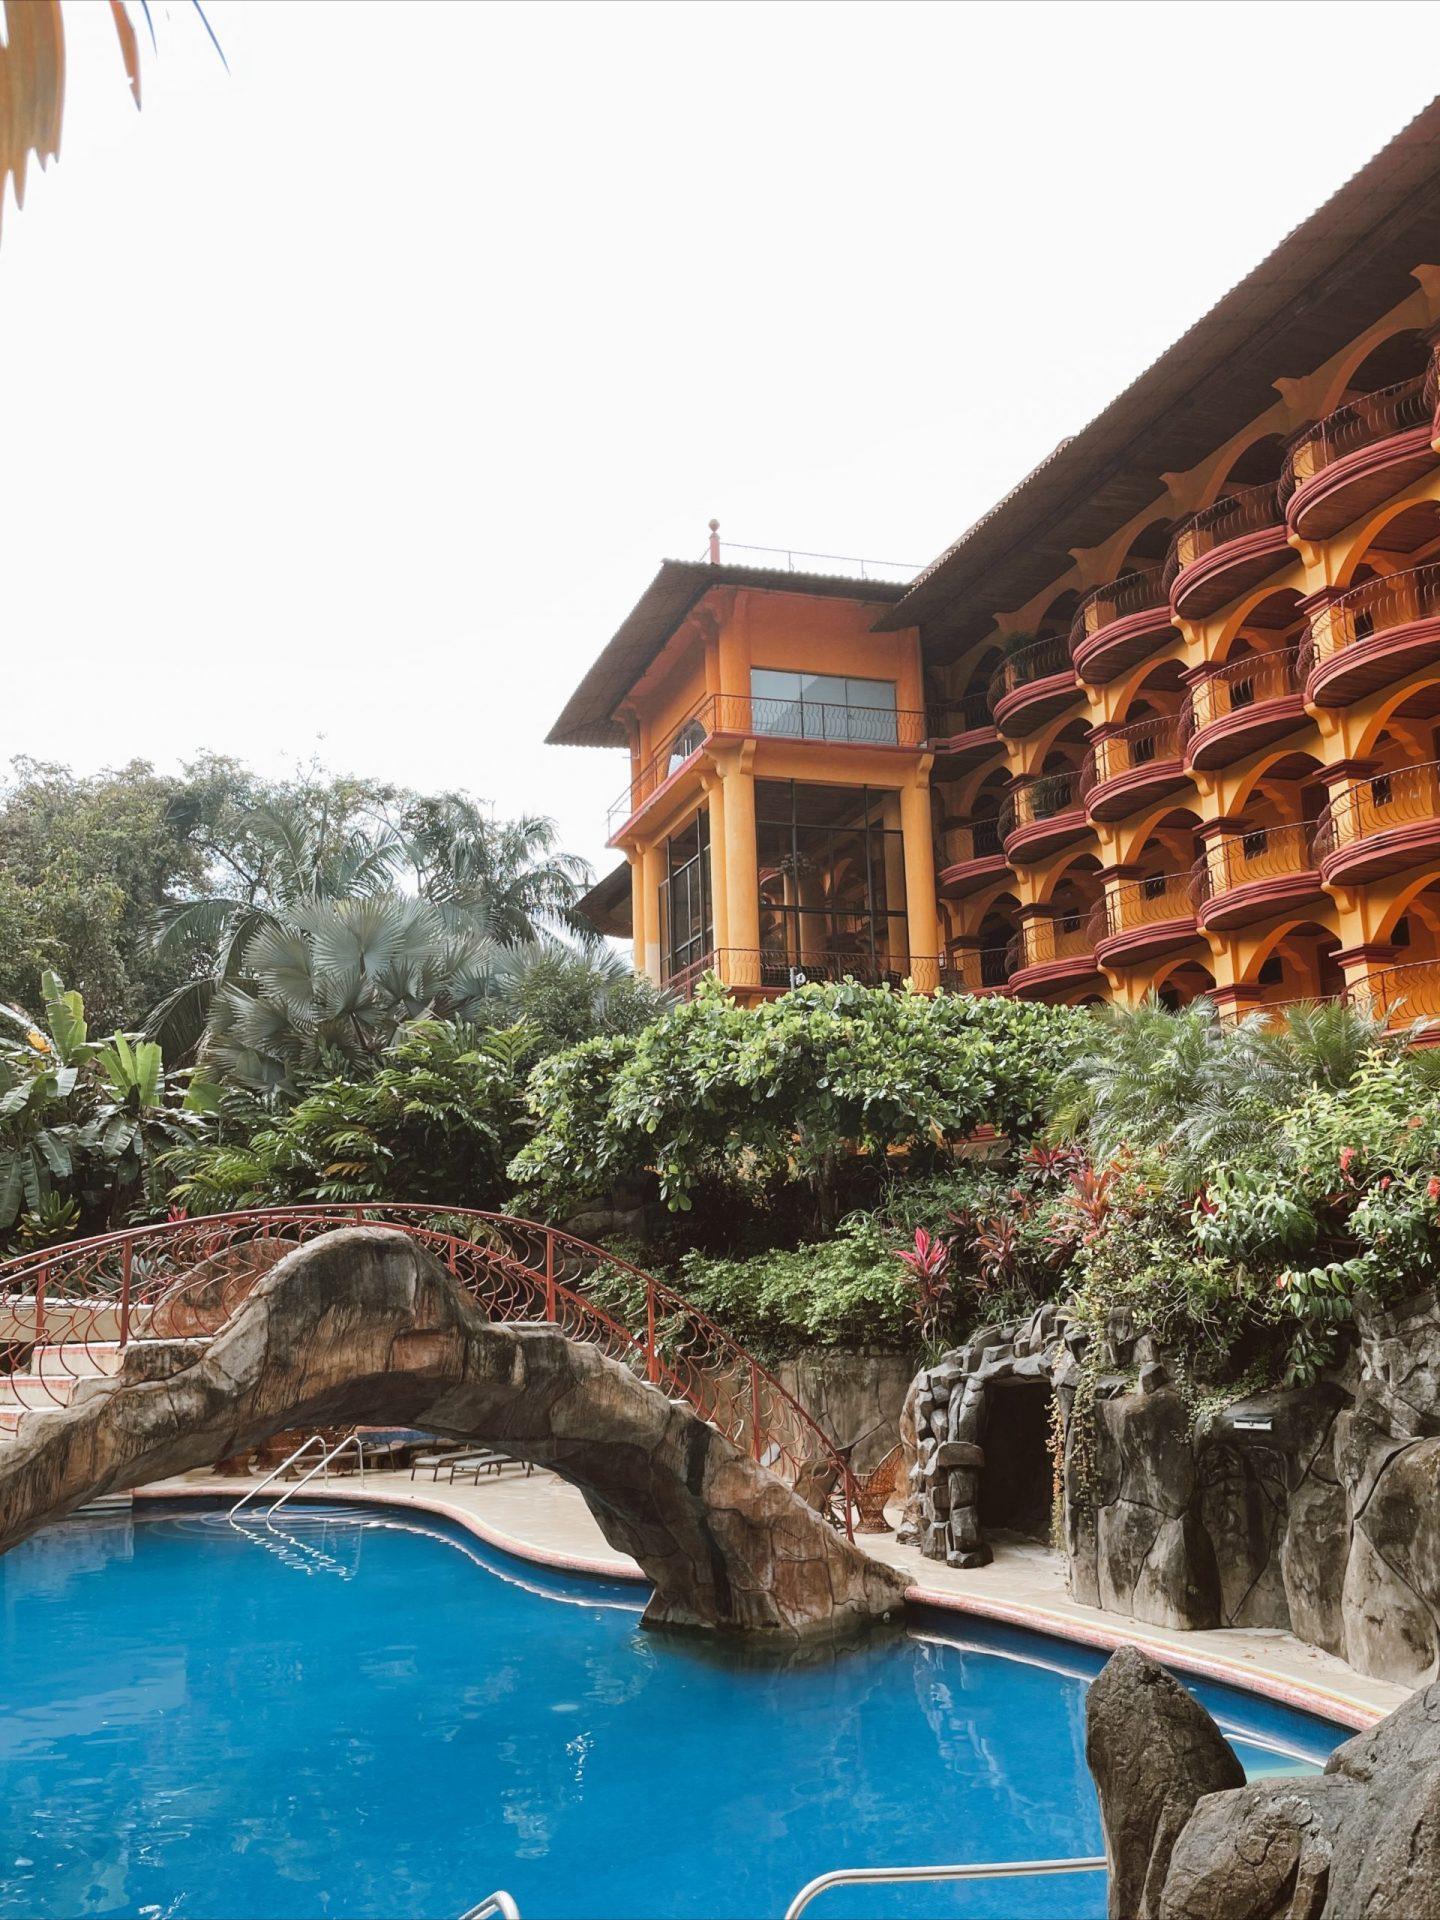 San Bada Costa Rica